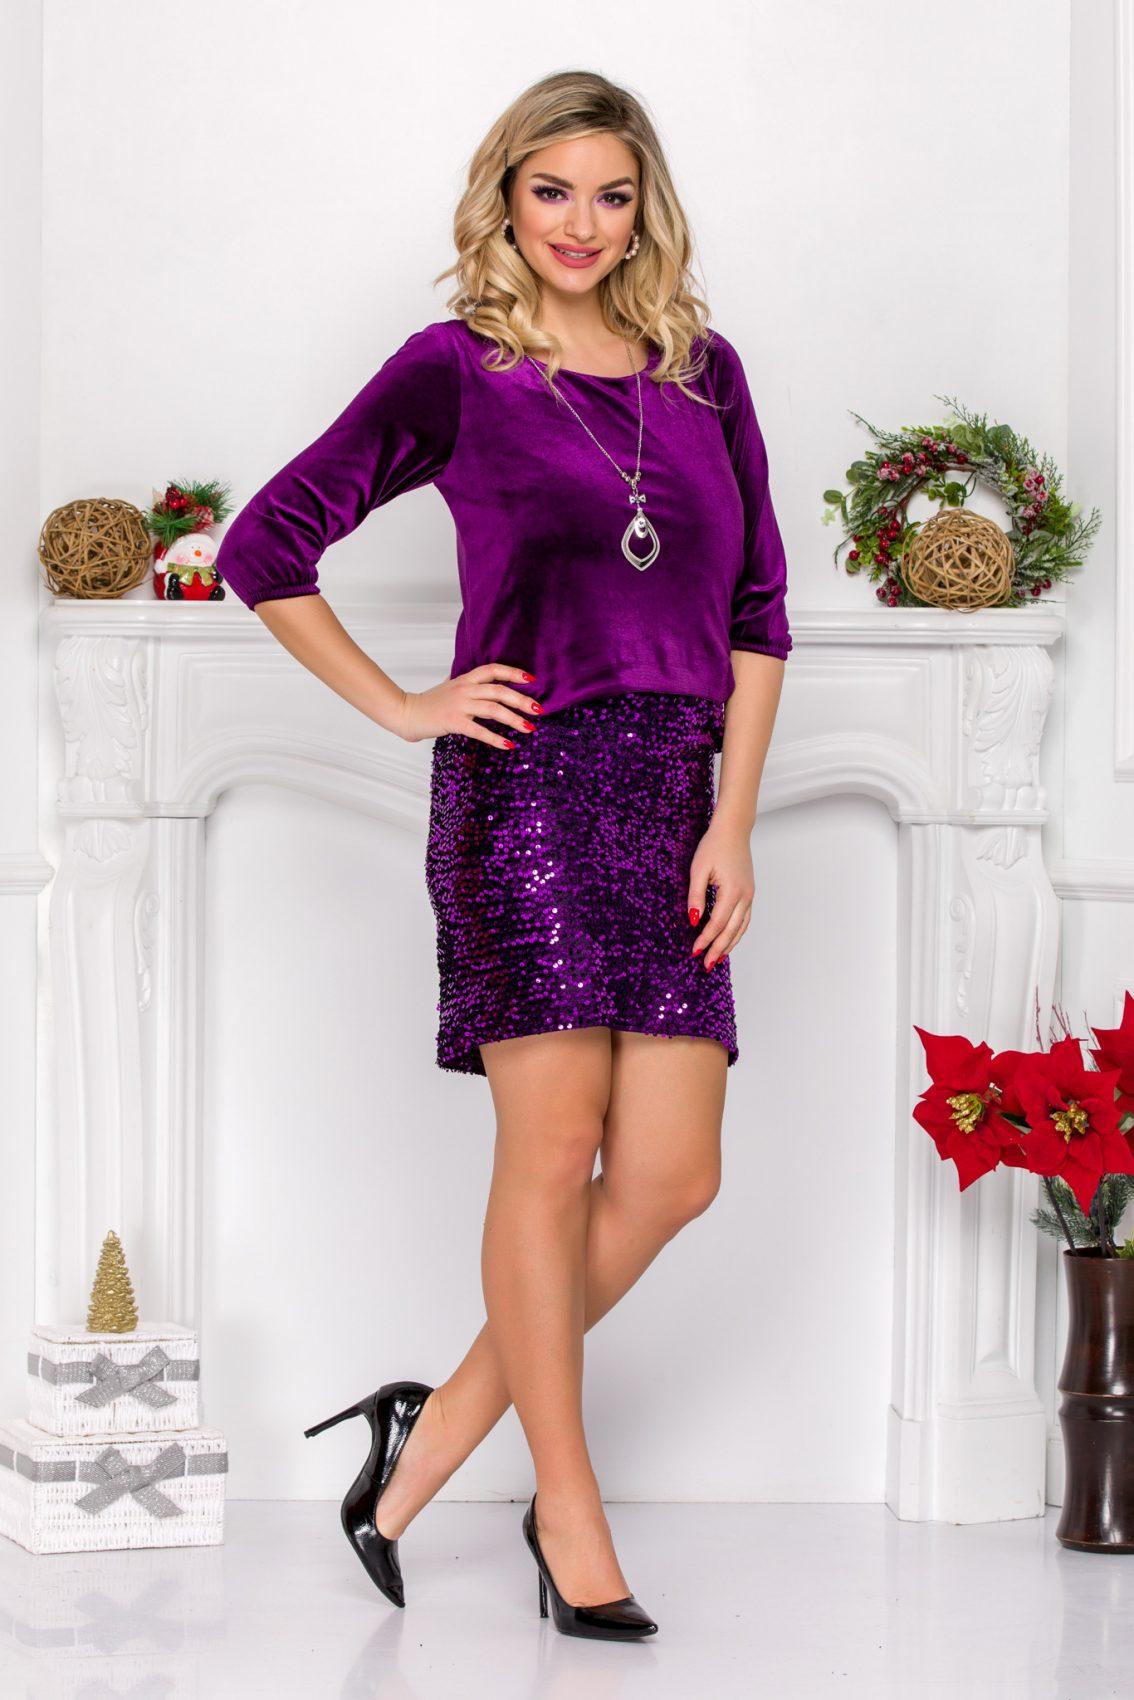 Βιολετί Βραδινό Φόρεμα Με Βελούδο Ollie 9144 1